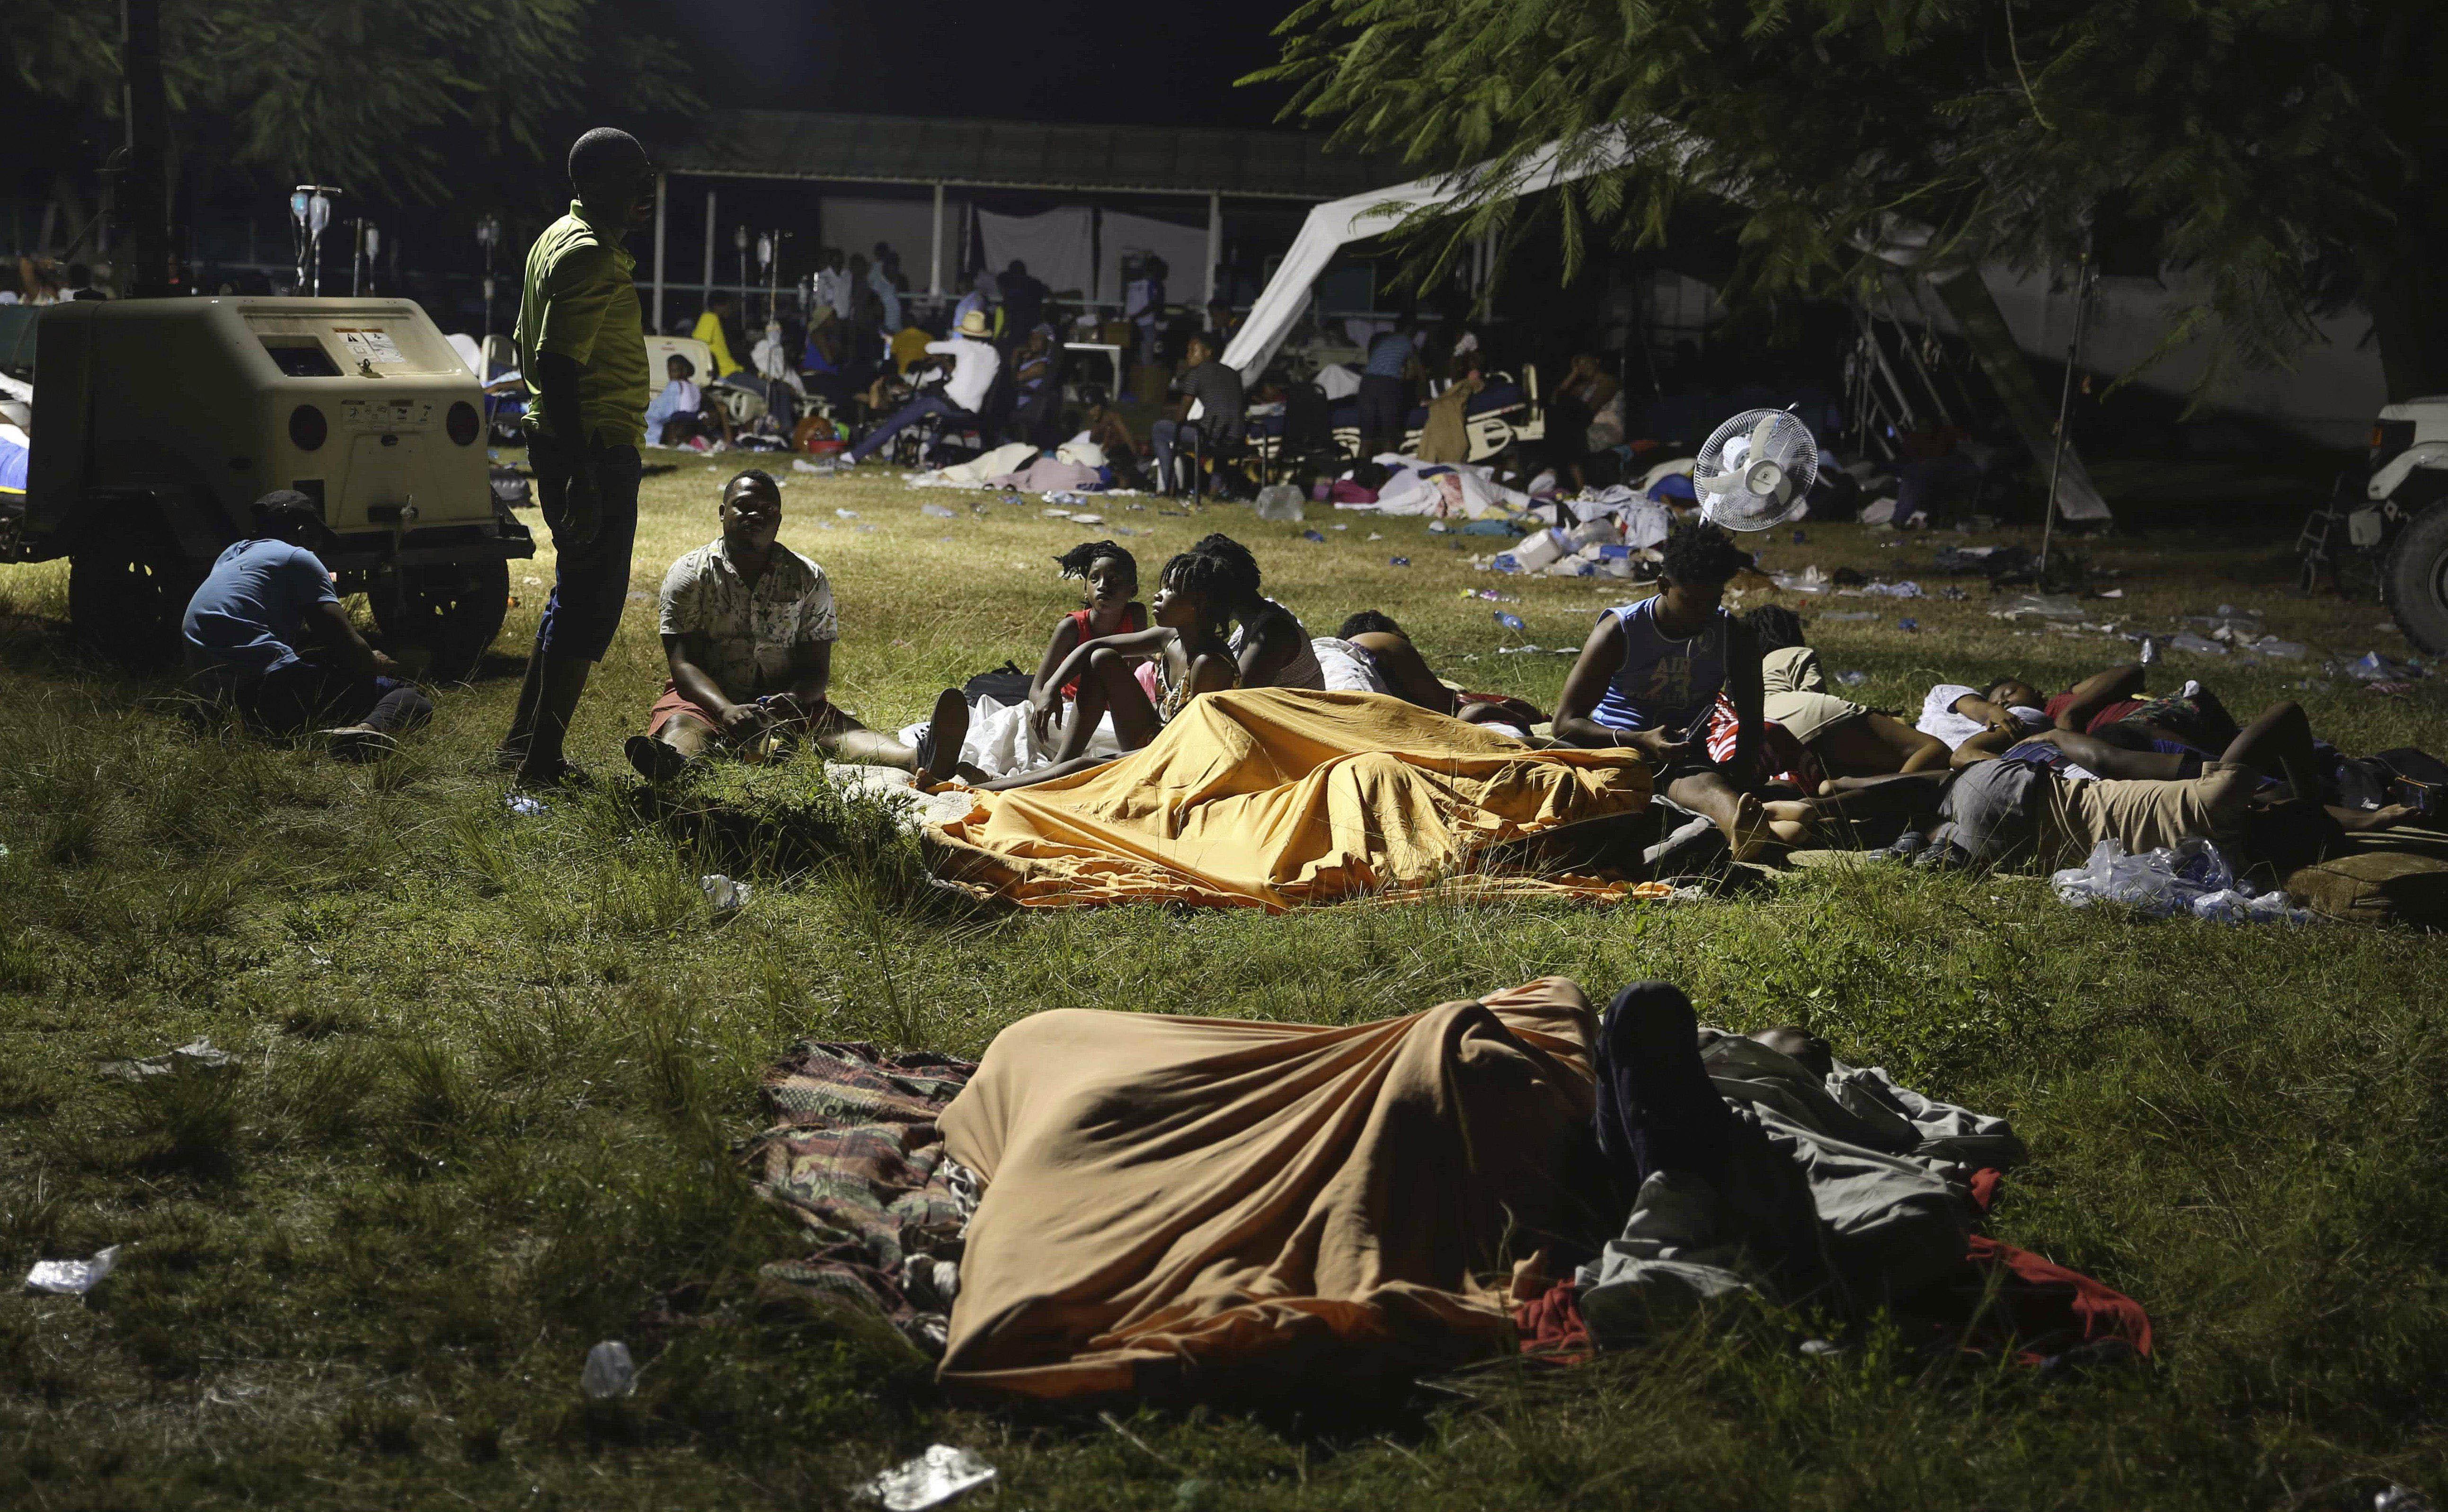 घर टूटने और भूकंप के डर से लोग मैदानों में रात गुजार रहे हैं।